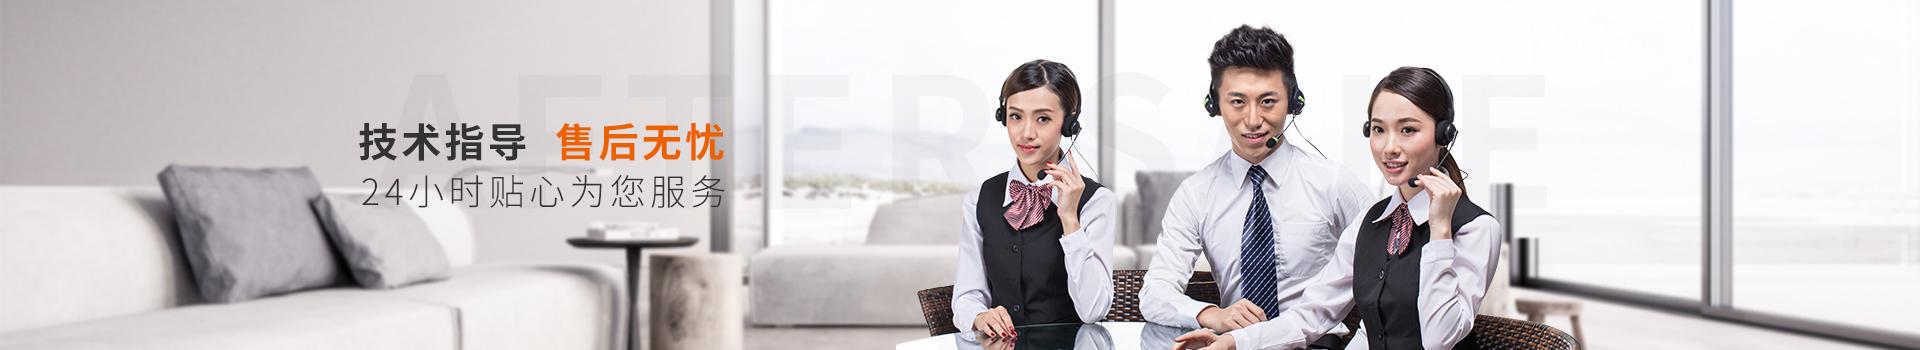 沙隆装饰-技术指导售后无忧,24小时贴心为你服务